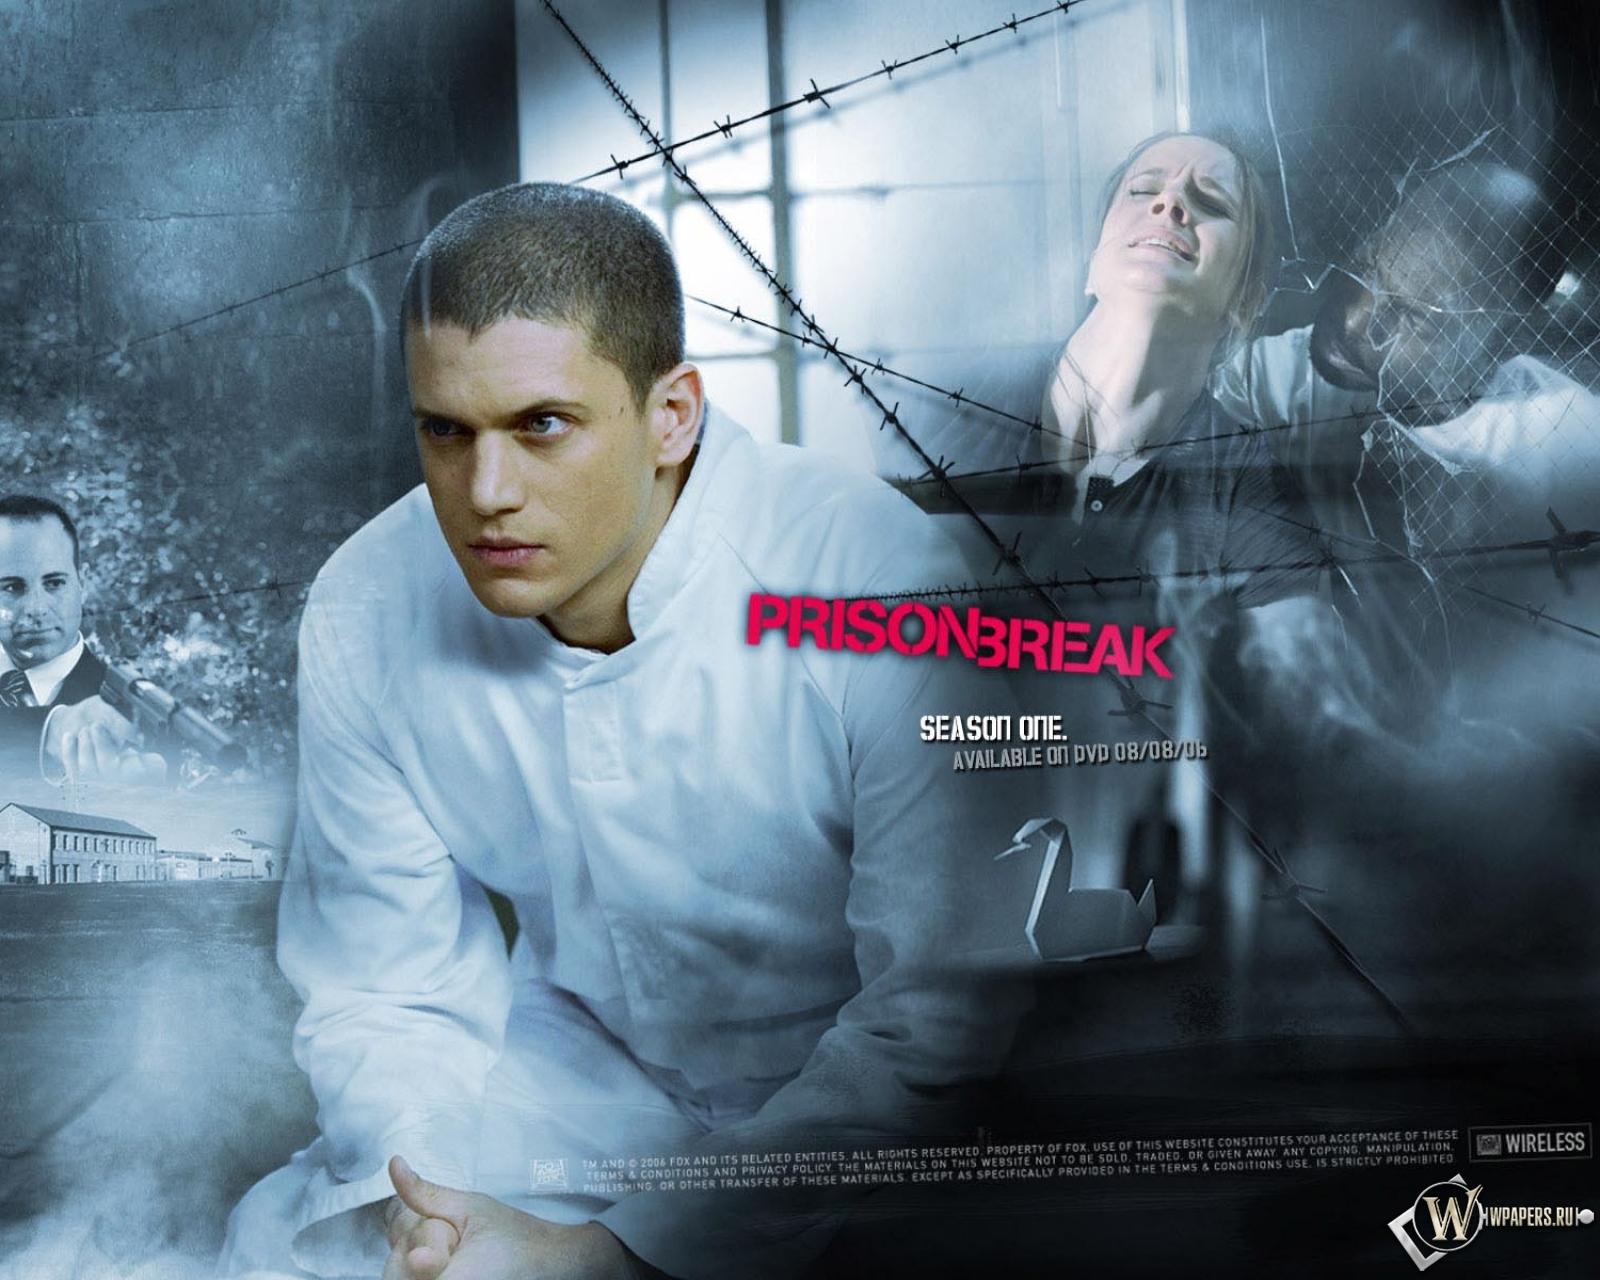 Prison Break 1600x1280